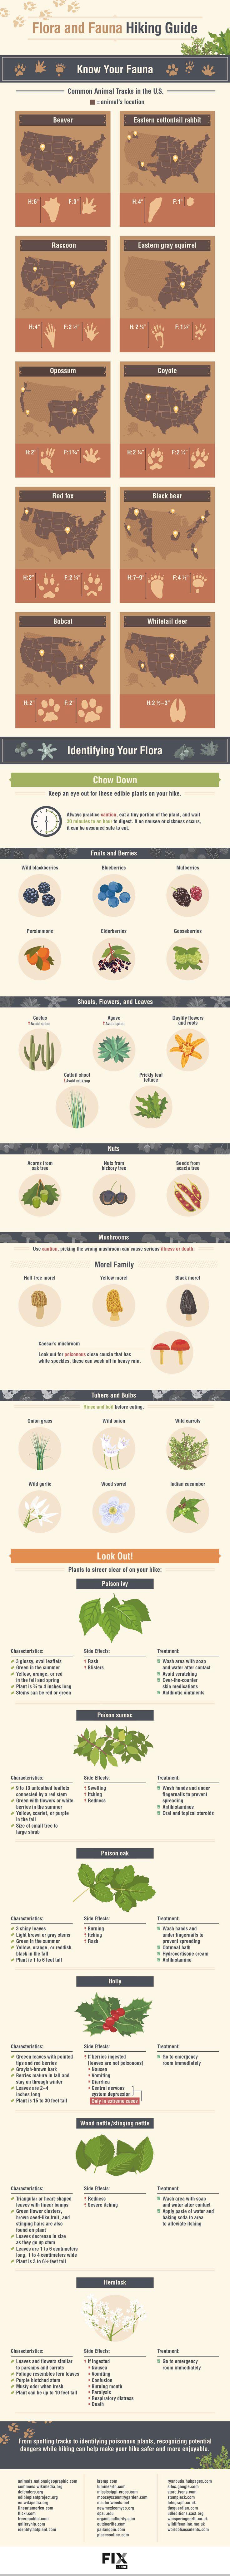 134 best Outdoor Activities images on Pinterest